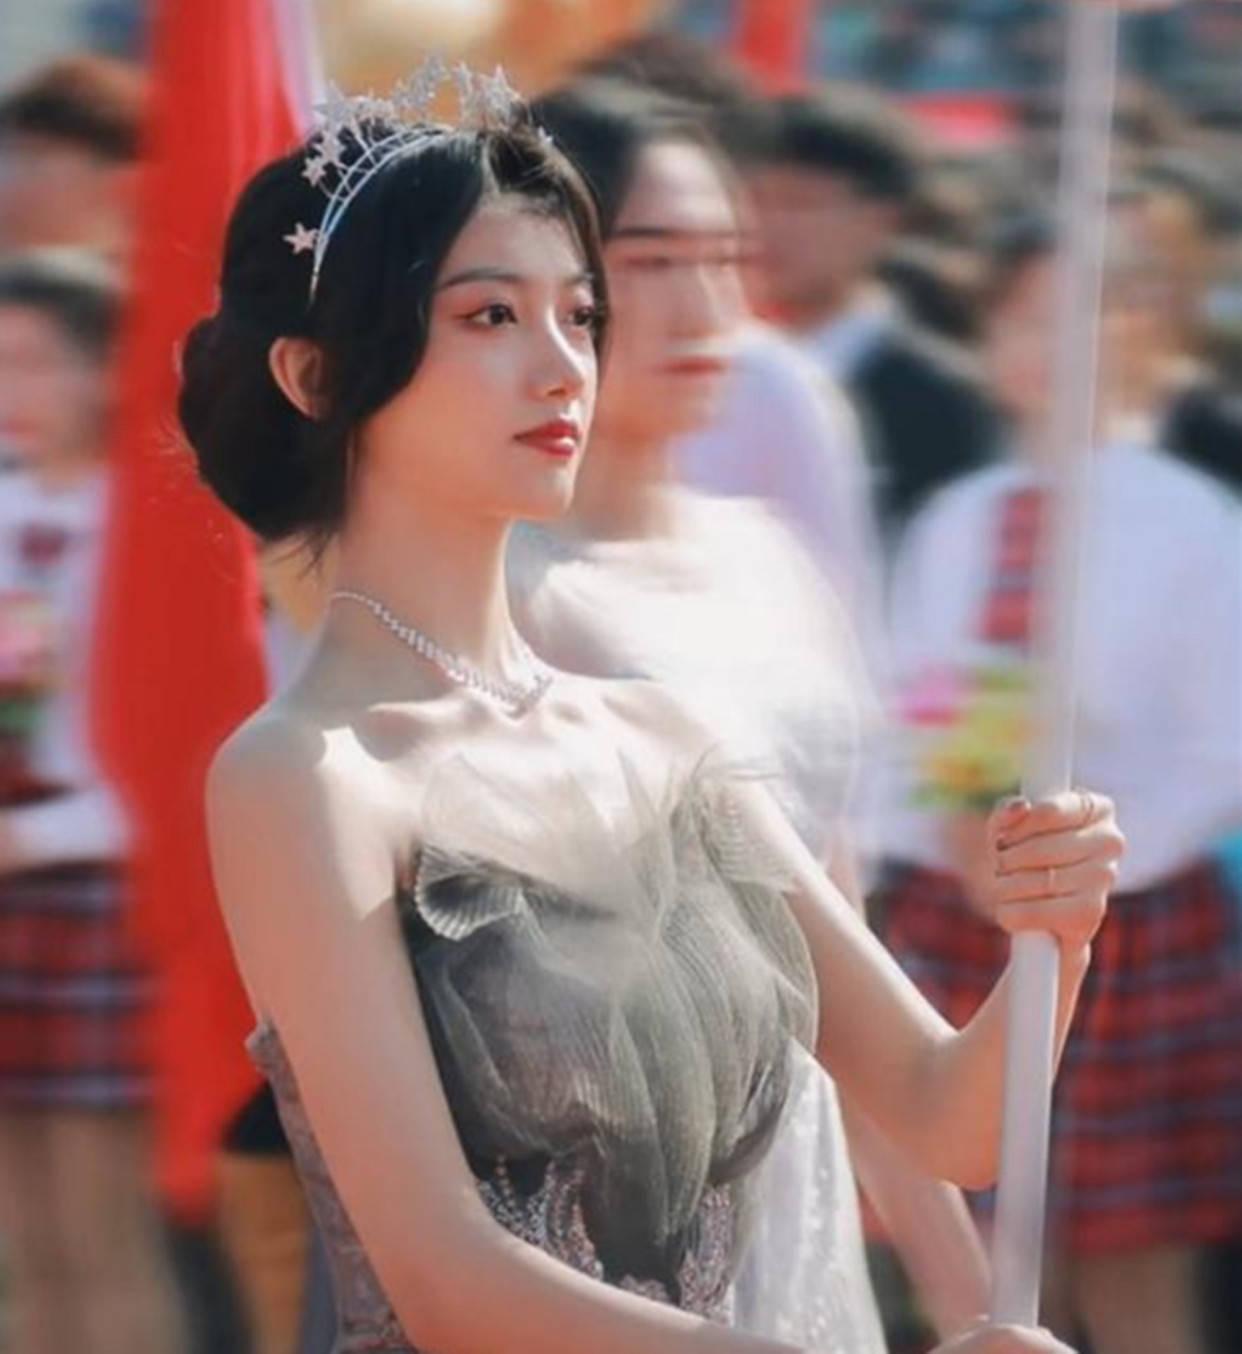 青島大學舉牌美女驚艷全場,長相甜美,畫面養眼,不料卻引發爭議